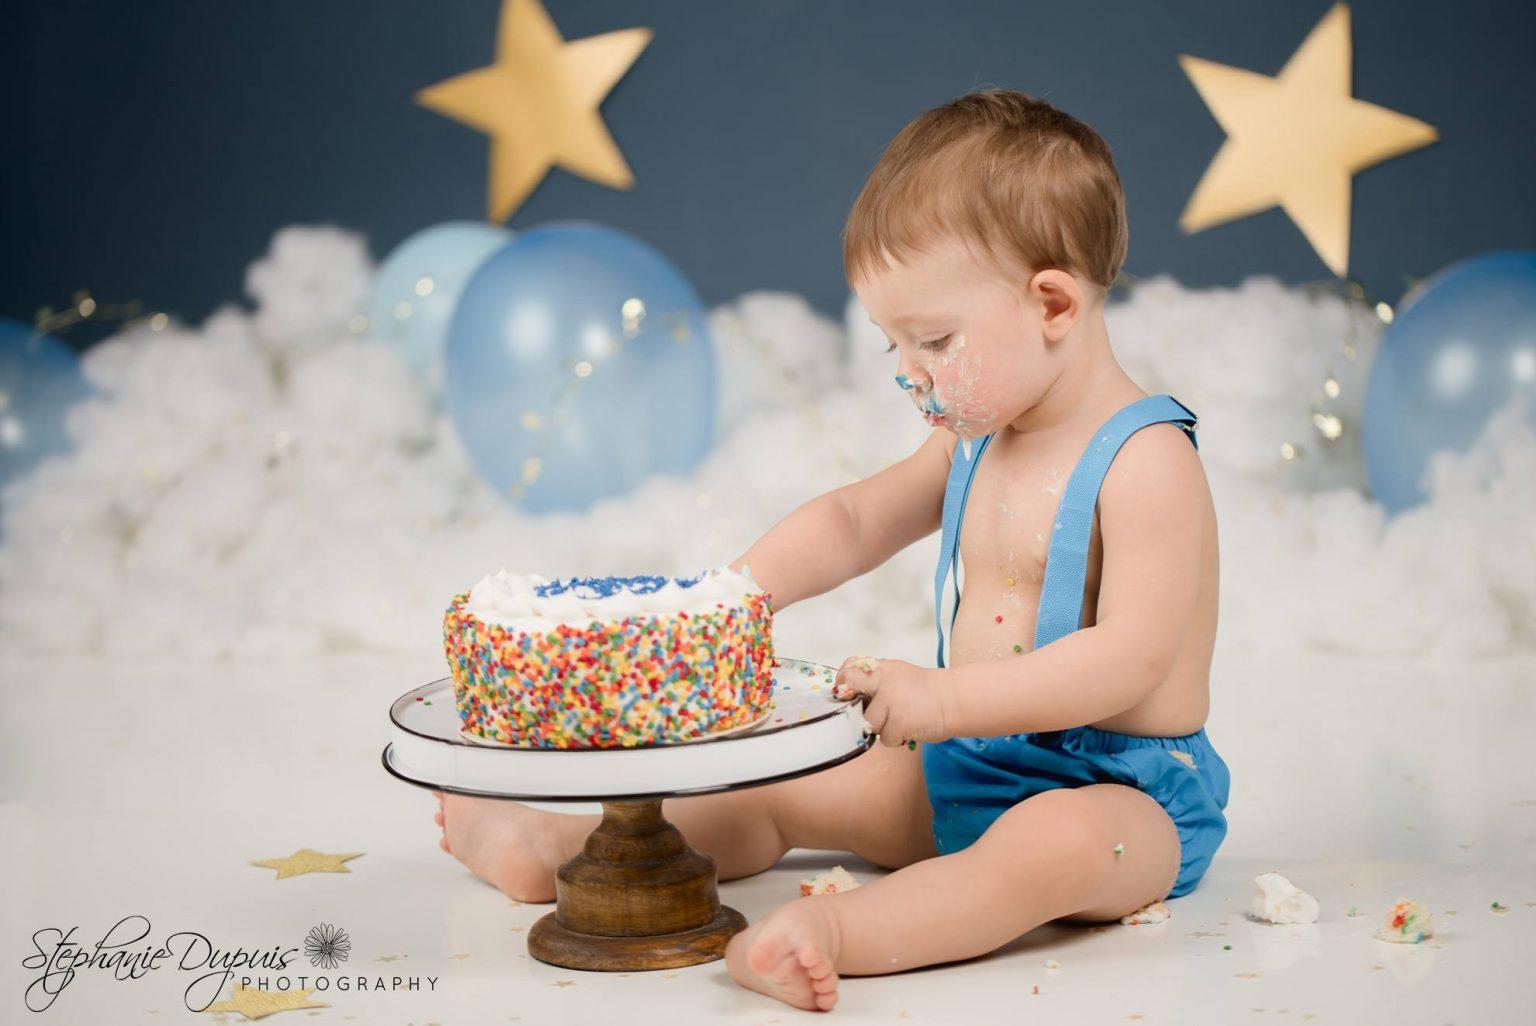 Bisson cake smash 11 1536x1026 - Portfolio: Gannon Cake Smash